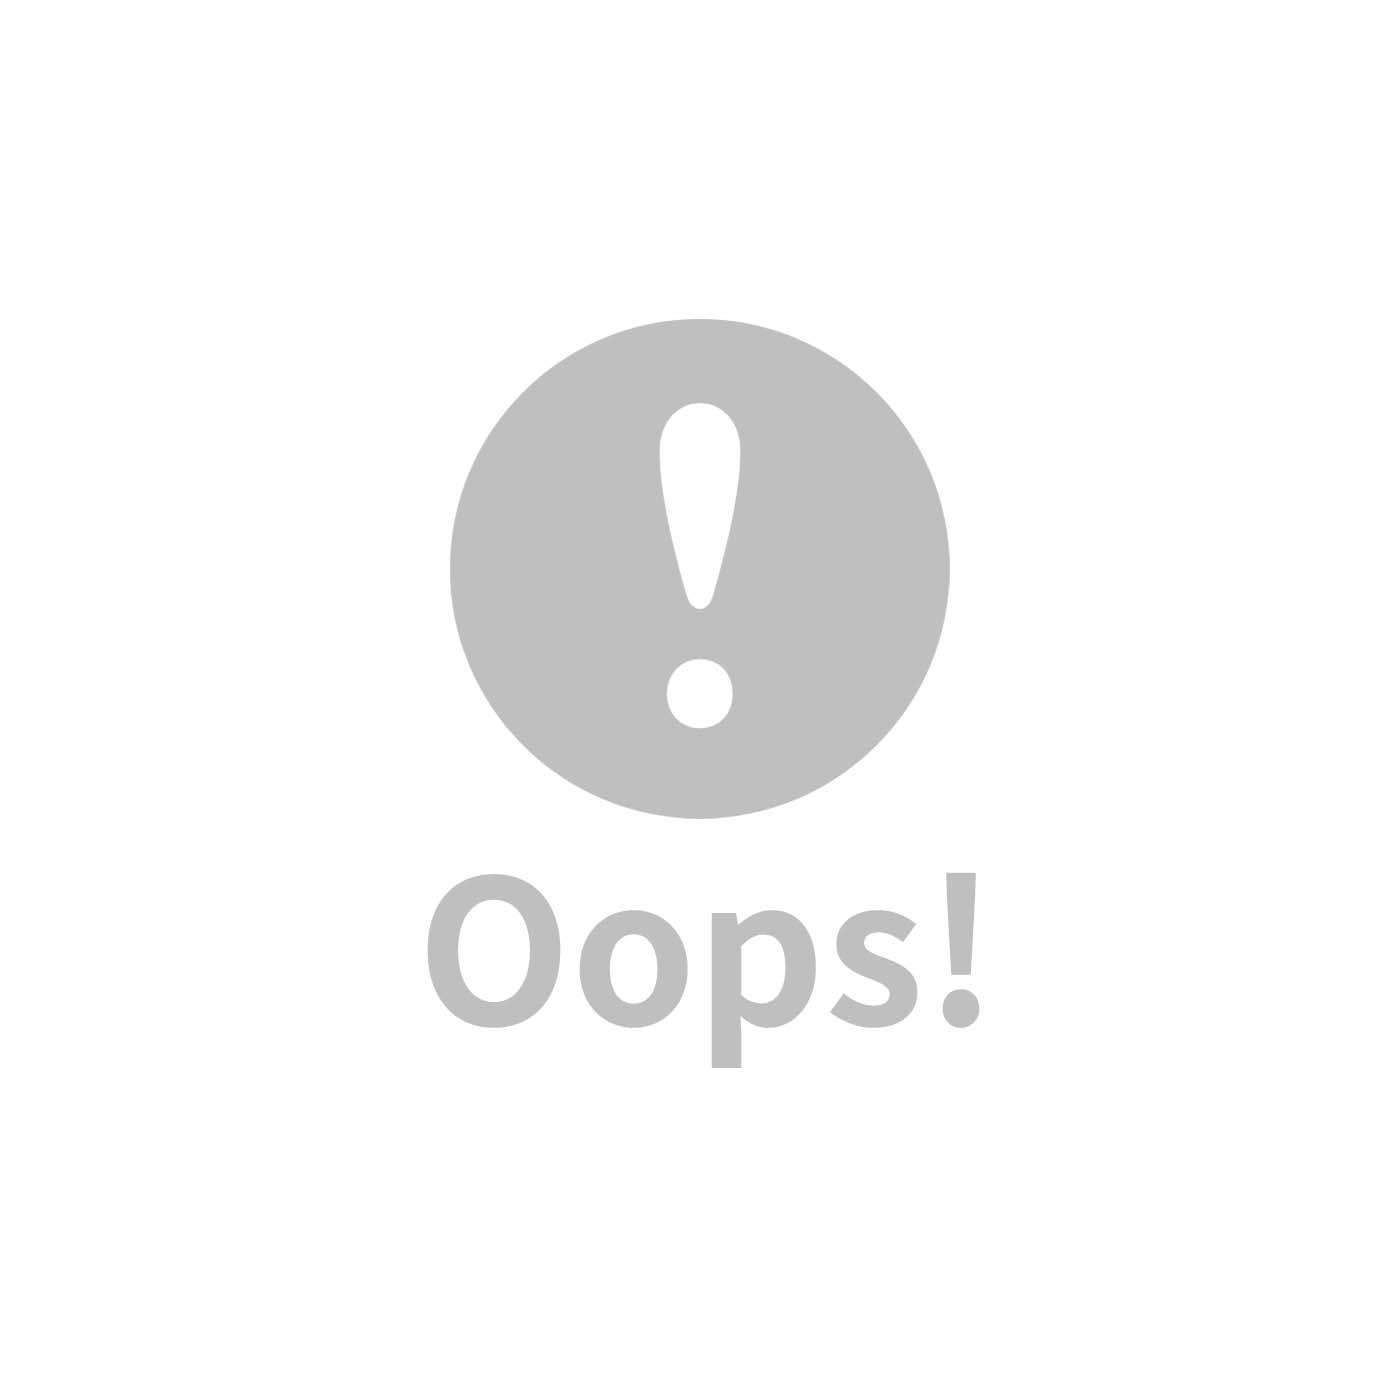 【12/19 12:30正式開賣】La Millou 新生兒彌月禮包屁衣2件組_3-6m-熱帶植物林+La Millou Family II